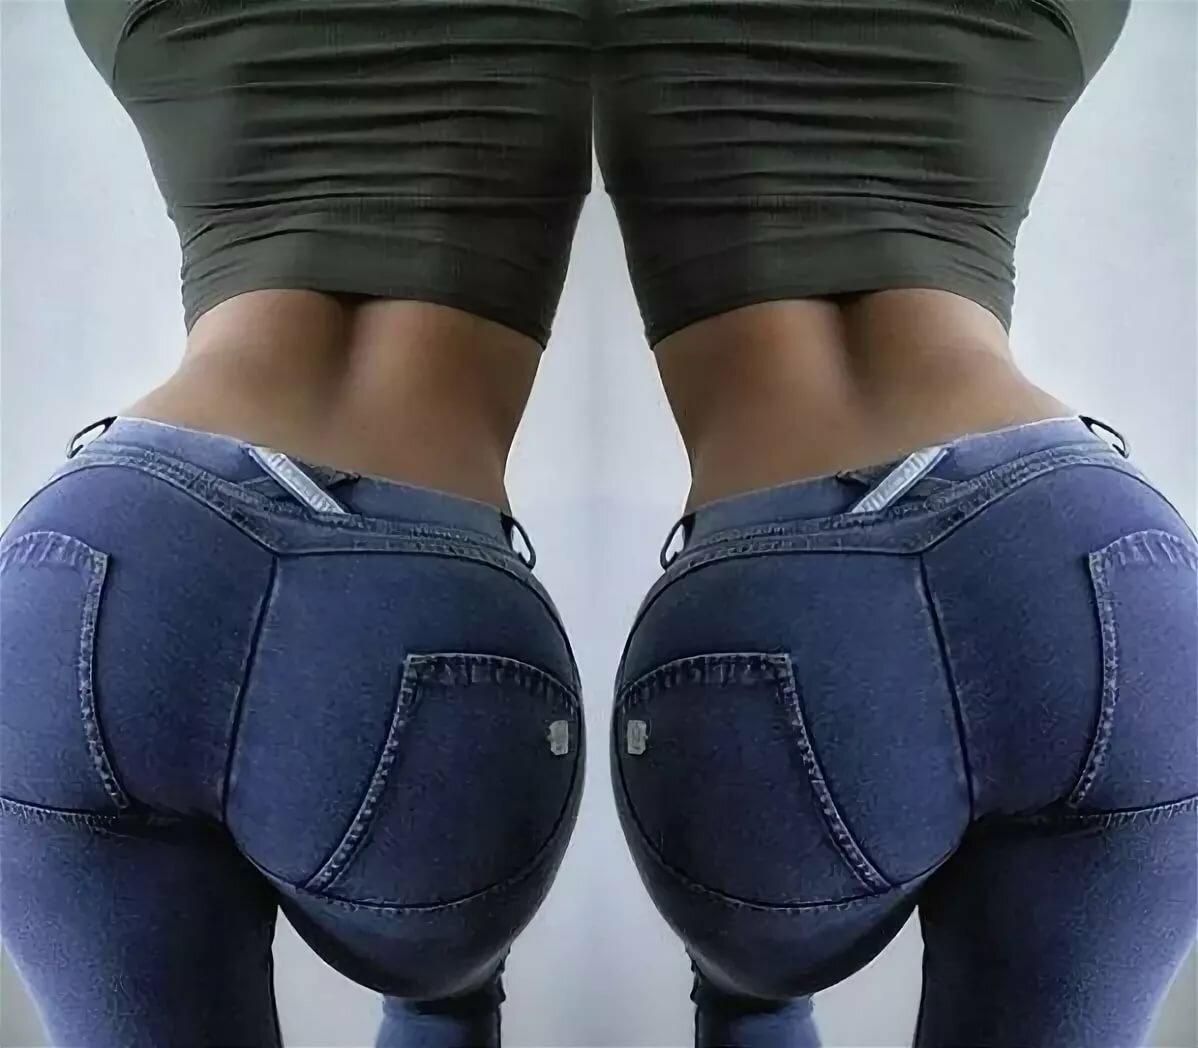 зайчик предлагает женские попки джинсах после приземления